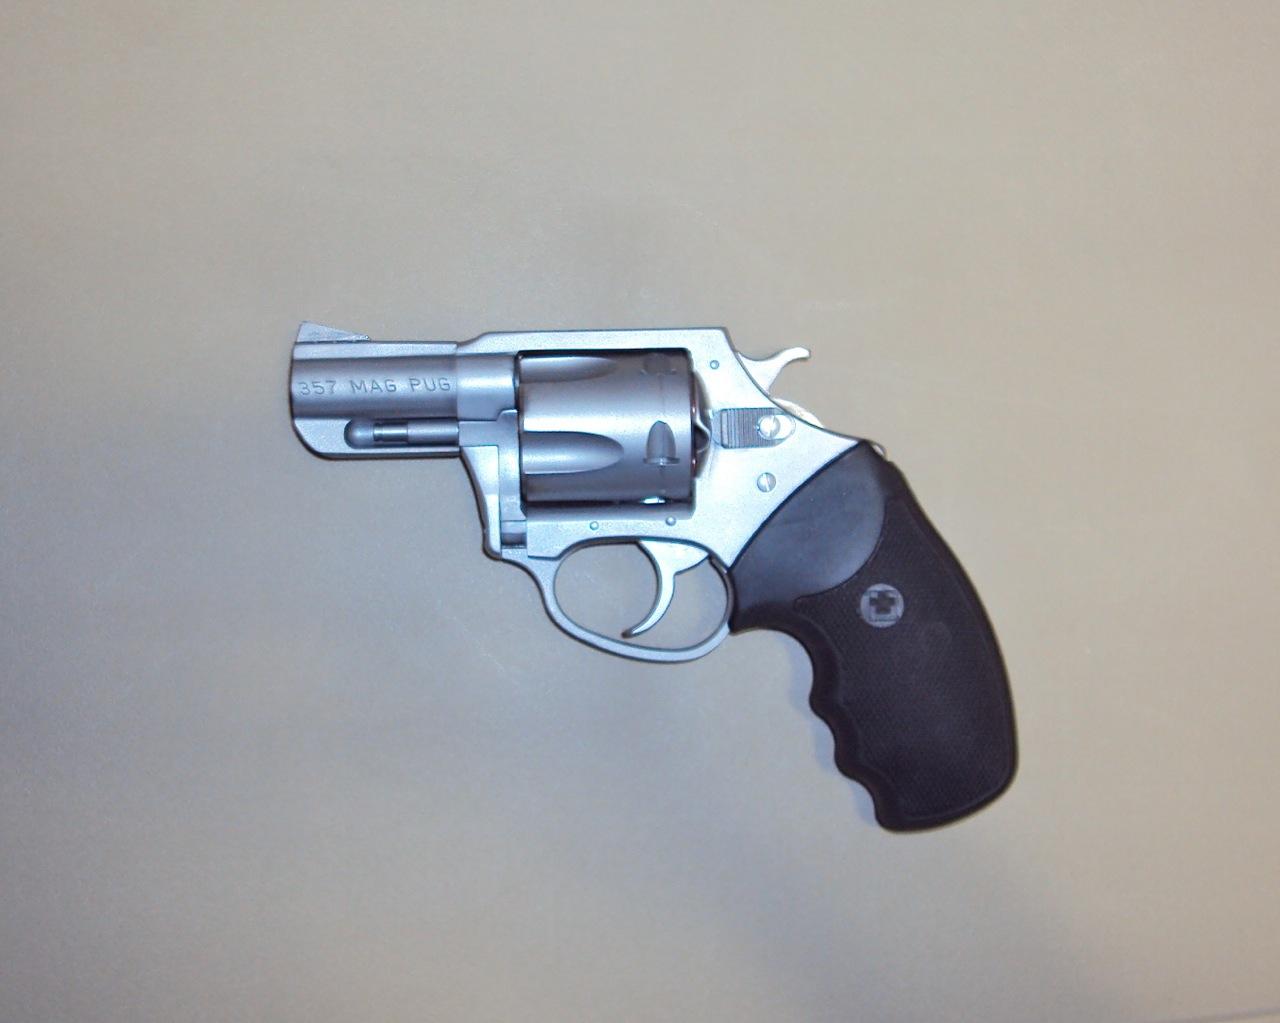 Charter Arms Mag Pug .357 review-charter_mag_pug.jpg